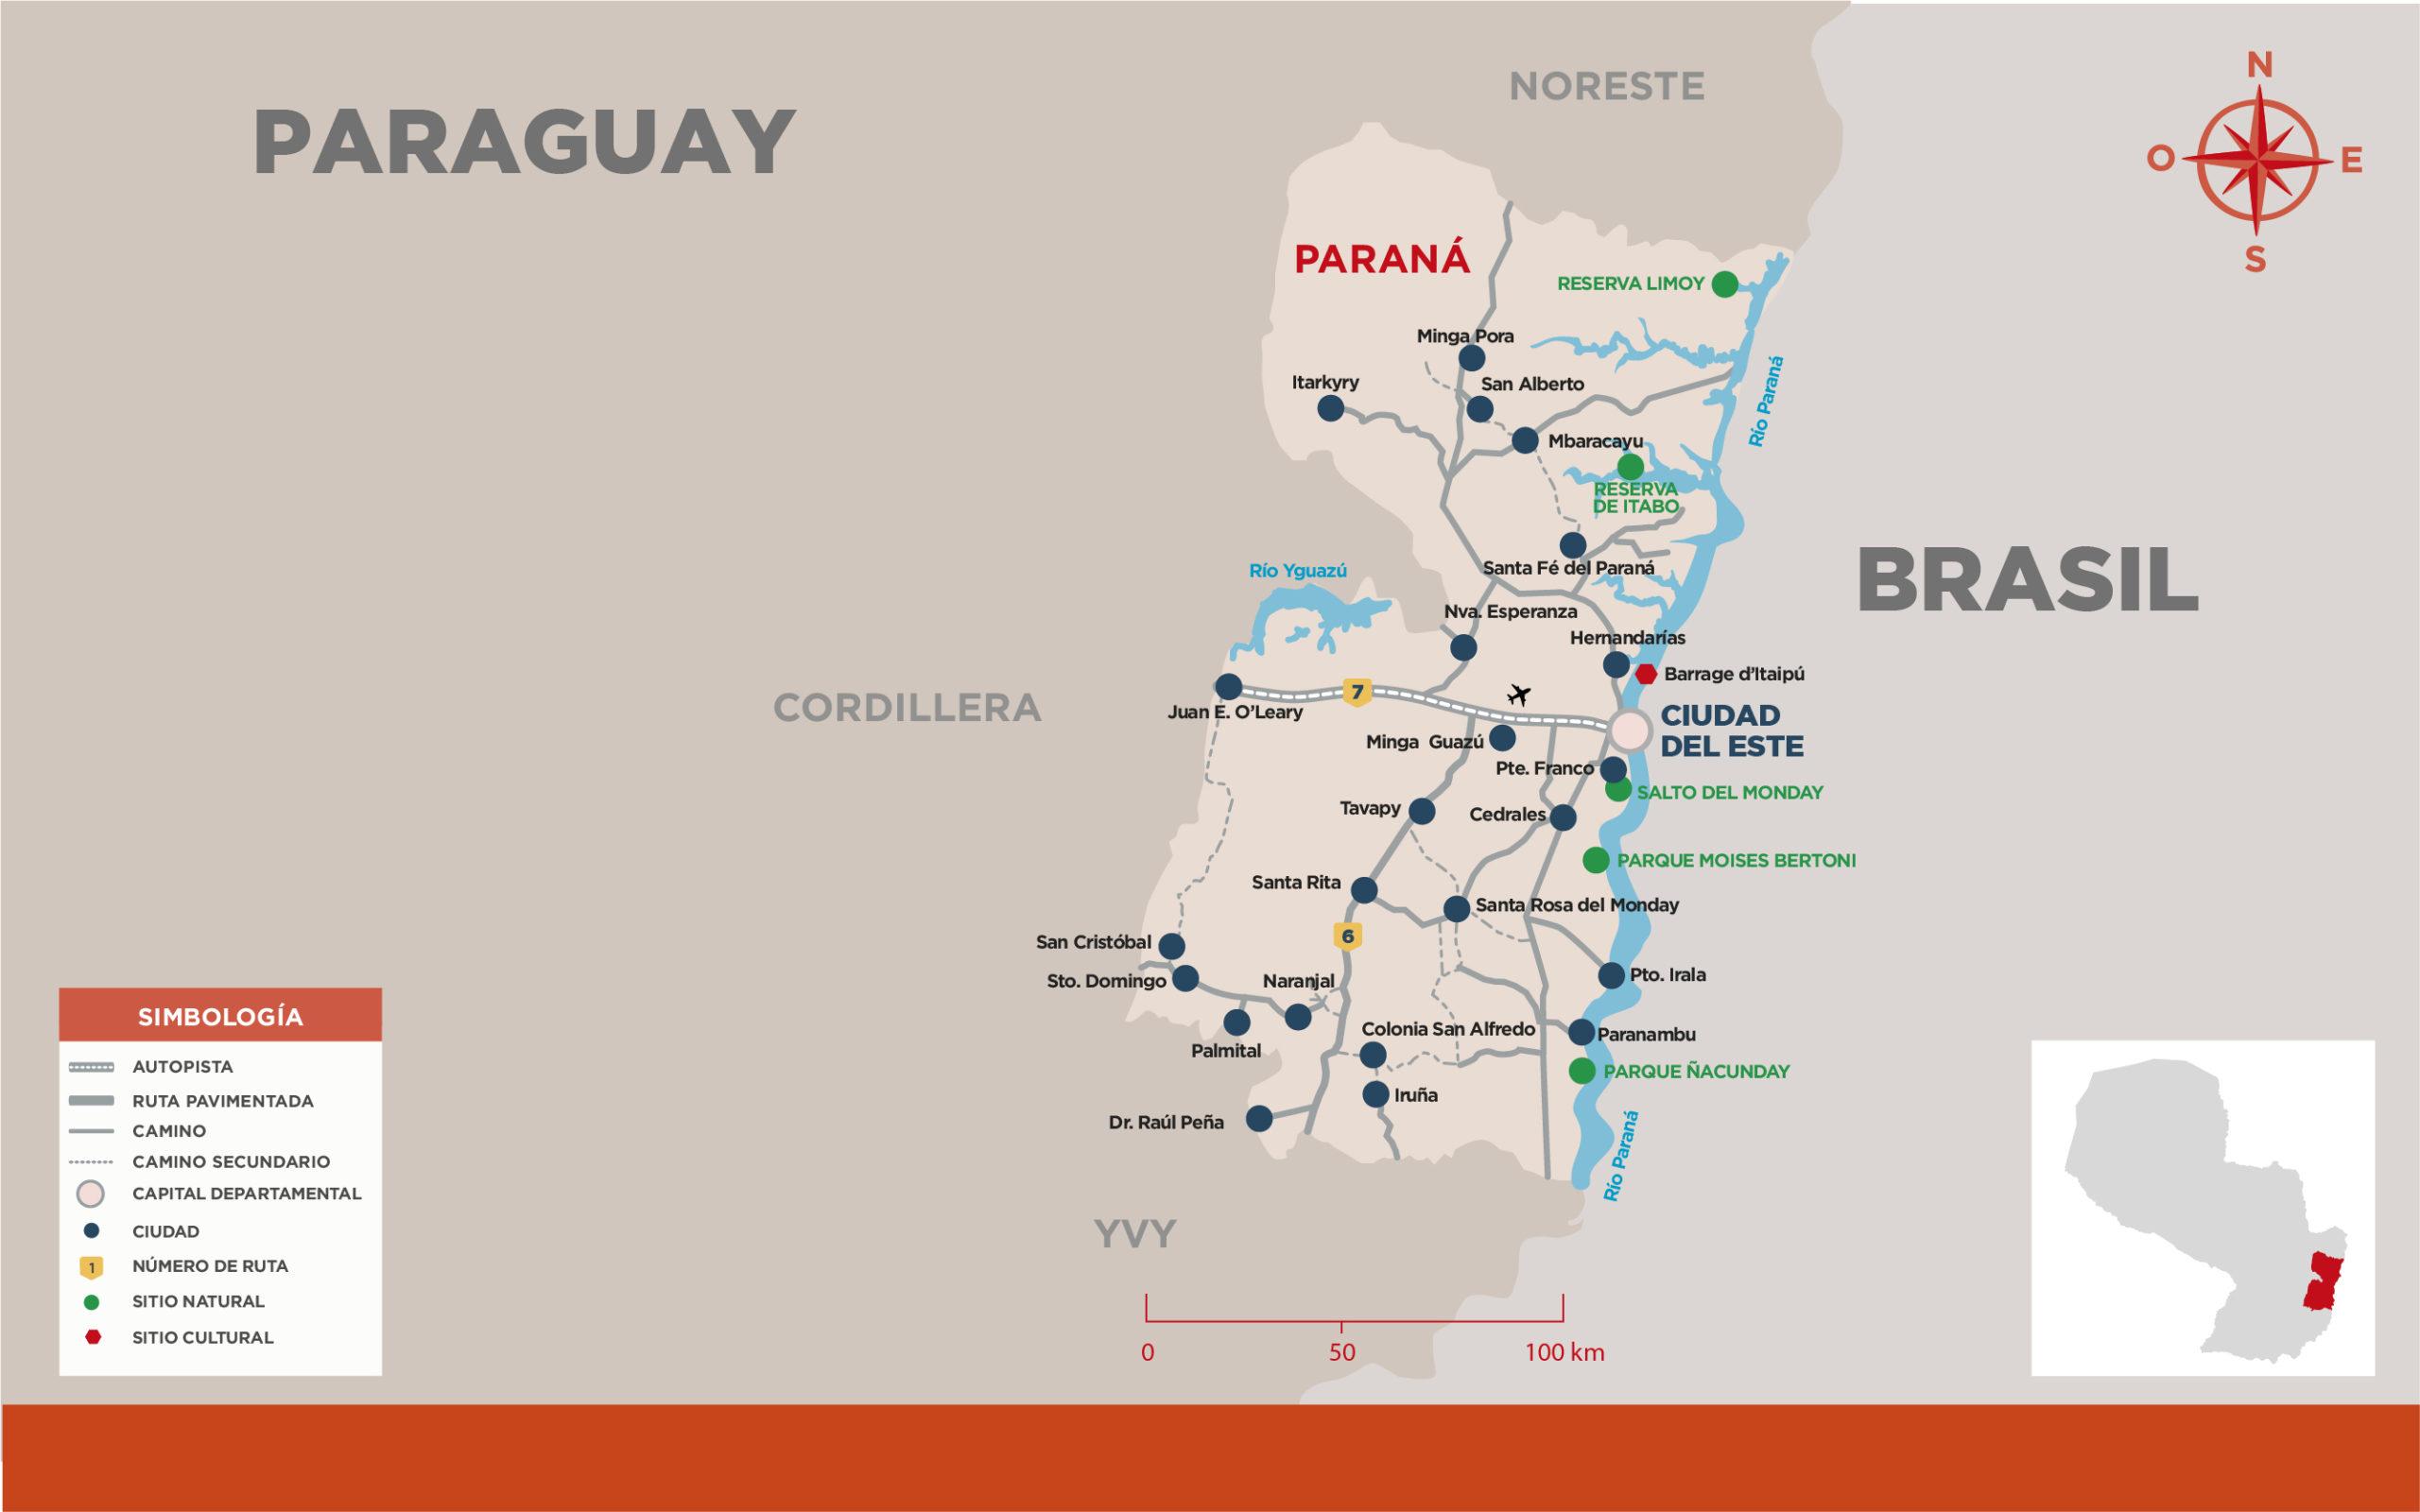 Carte de la région Parana du Paraguay